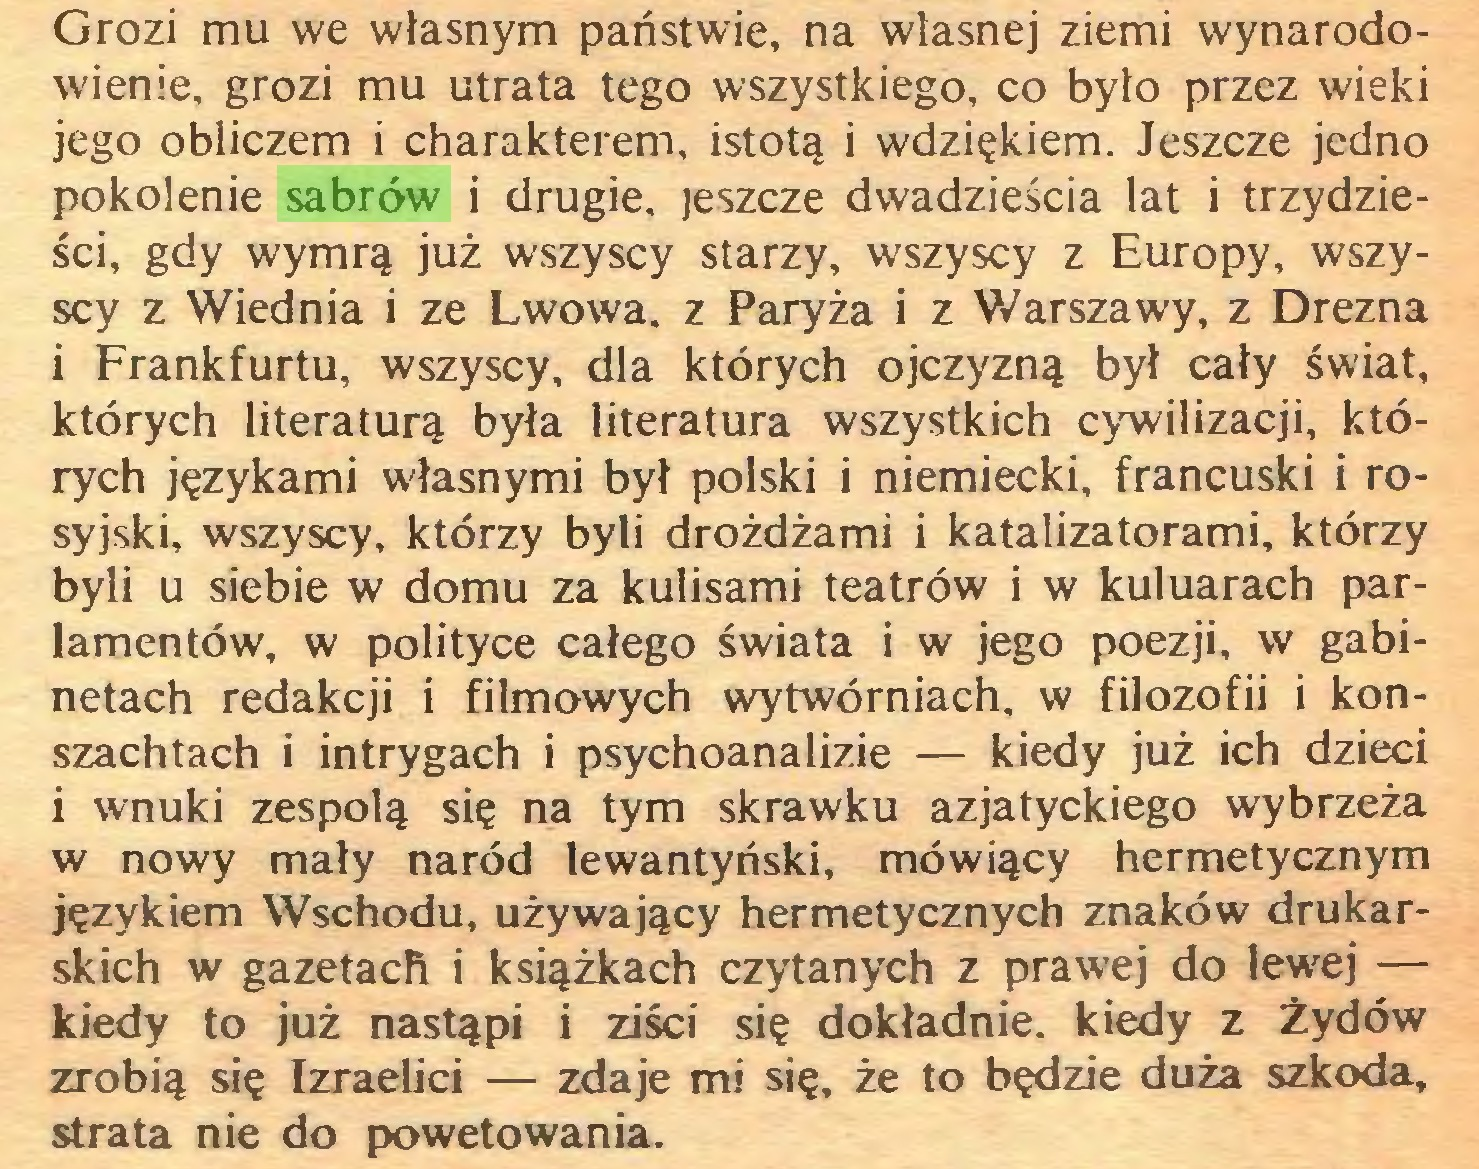 (...) Grozi mu we własnym państwie, na własnej ziemi wynarodowienie, grozi mu utrata tego wszystkiego, co było przez wieki jego obliczem i charakterem, istotą i wdziękiem. Jeszcze jedno pokolenie sabrów i drugie, jeszcze dwadzieścia lat i trzydzieści, gdy wymrą już wszyscy starzy, wszyscy z Europy, wszyscy z Wiednia i ze Lwowa, z Paryża i z Warszawy, z Drezna i Frankfurtu, wszyscy, dla których ojczyzną był cały świat, których literaturą była literatura wszystkich cywilizacji, których językami własnymi był polski i niemiecki, francuski i rosyjski, wszyscy, którzy byli drożdżami i katalizatorami, którzy byli u siebie w domu za kulisami teatrów i w kuluarach parlamentów, w polityce całego świata i w jego poezji, w gabinetach redakcji i filmowych wytwórniach, w filozofii i konszachtach i intrygach i psychoanalizie — kiedy już ich dzieci i wnuki zespolą się na tym skrawku azjatyckiego wybrzeża w nowy mały naród lewantyński, mówiący hermetycznym językiem Wschodu, używający hermetycznych znaków drukarskich w gazetach i książkach czytanych z prawej do lewej — kiedy to już nastąpi i ziści się dokładnie, kiedy z Żydów zrobią się Izraelici — zdaje mi się, że to będzie duża szkoda, strata nie do powetowania...